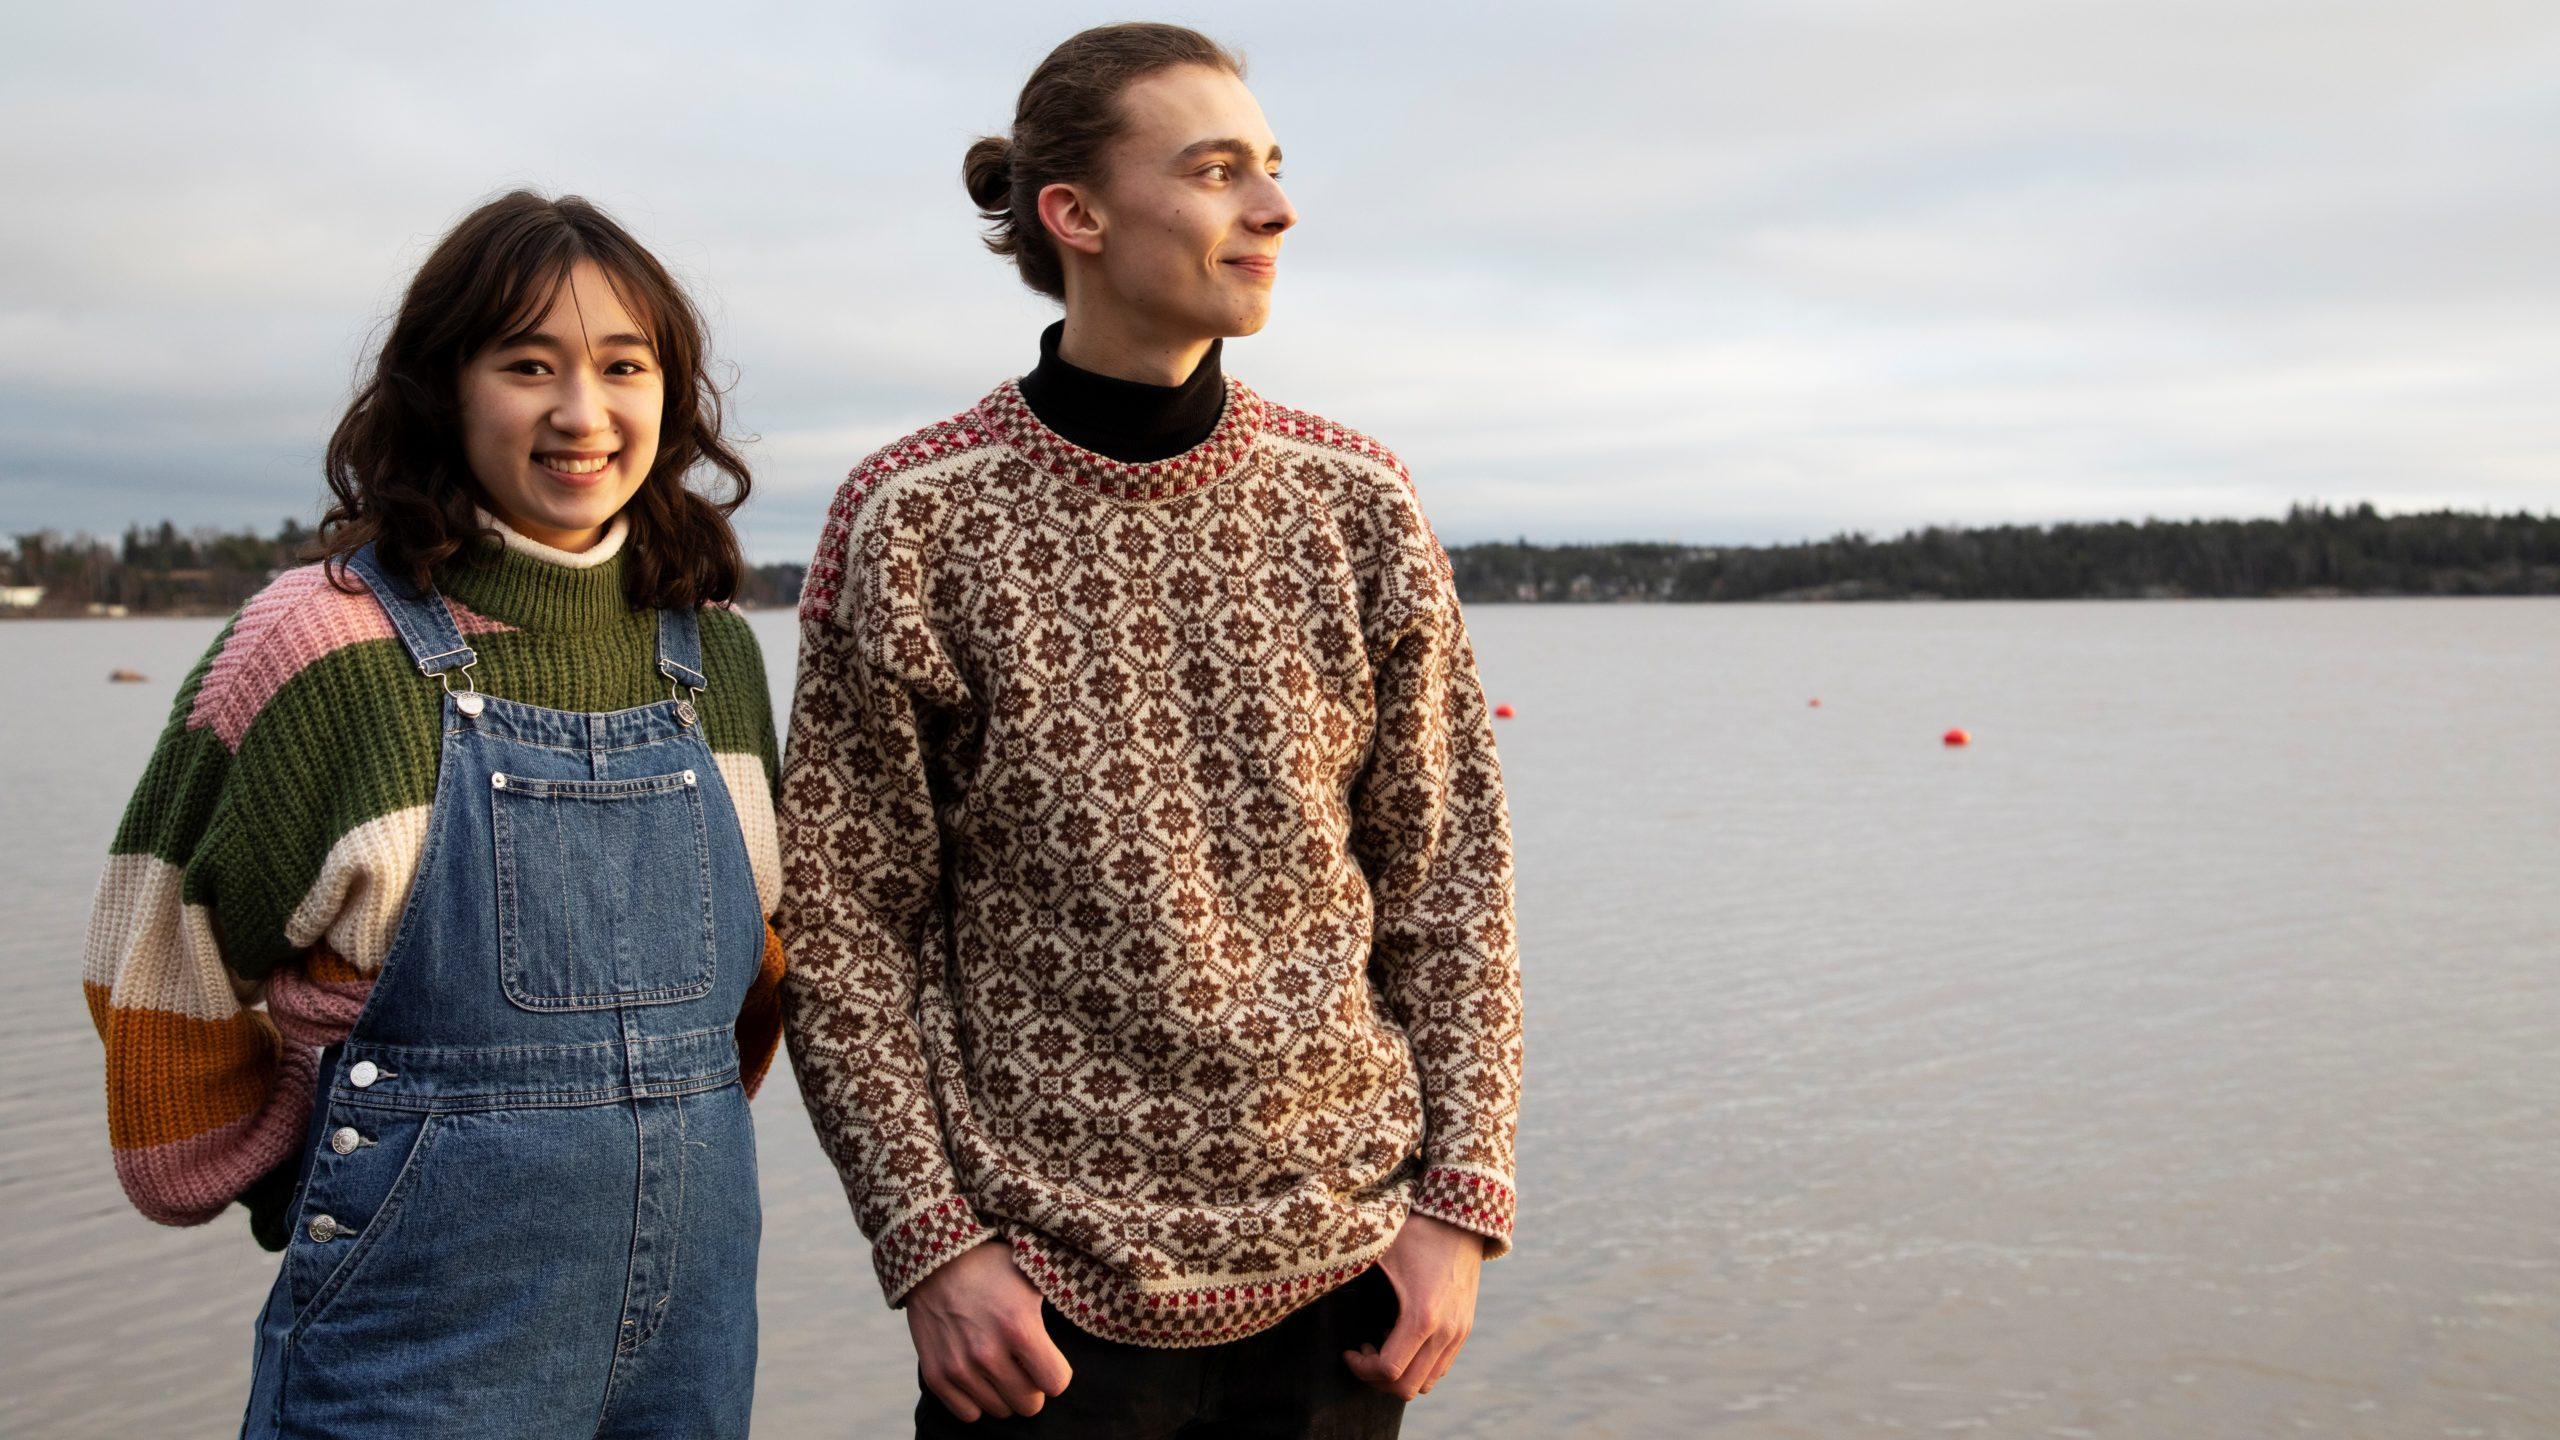 Nainen ja mies seisovat vierekkäin hymyillen järven rannalla.